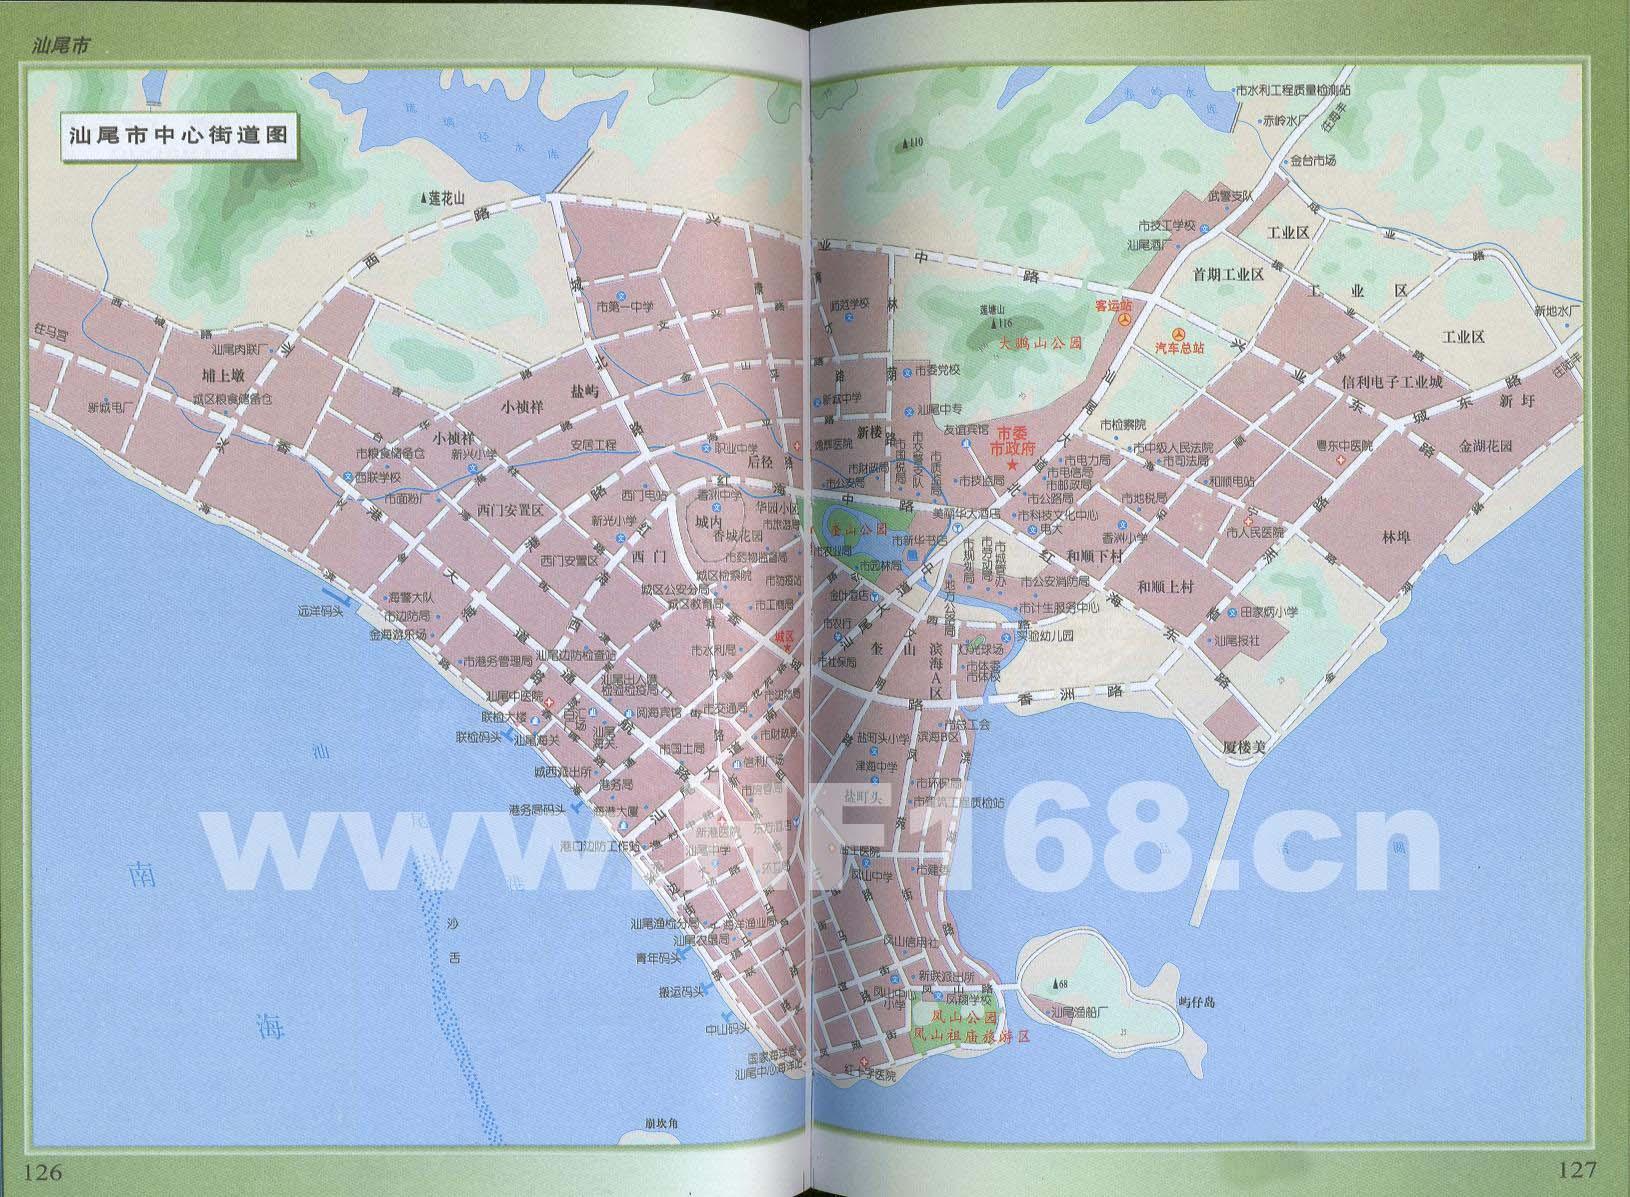 汕尾市中心街道地图